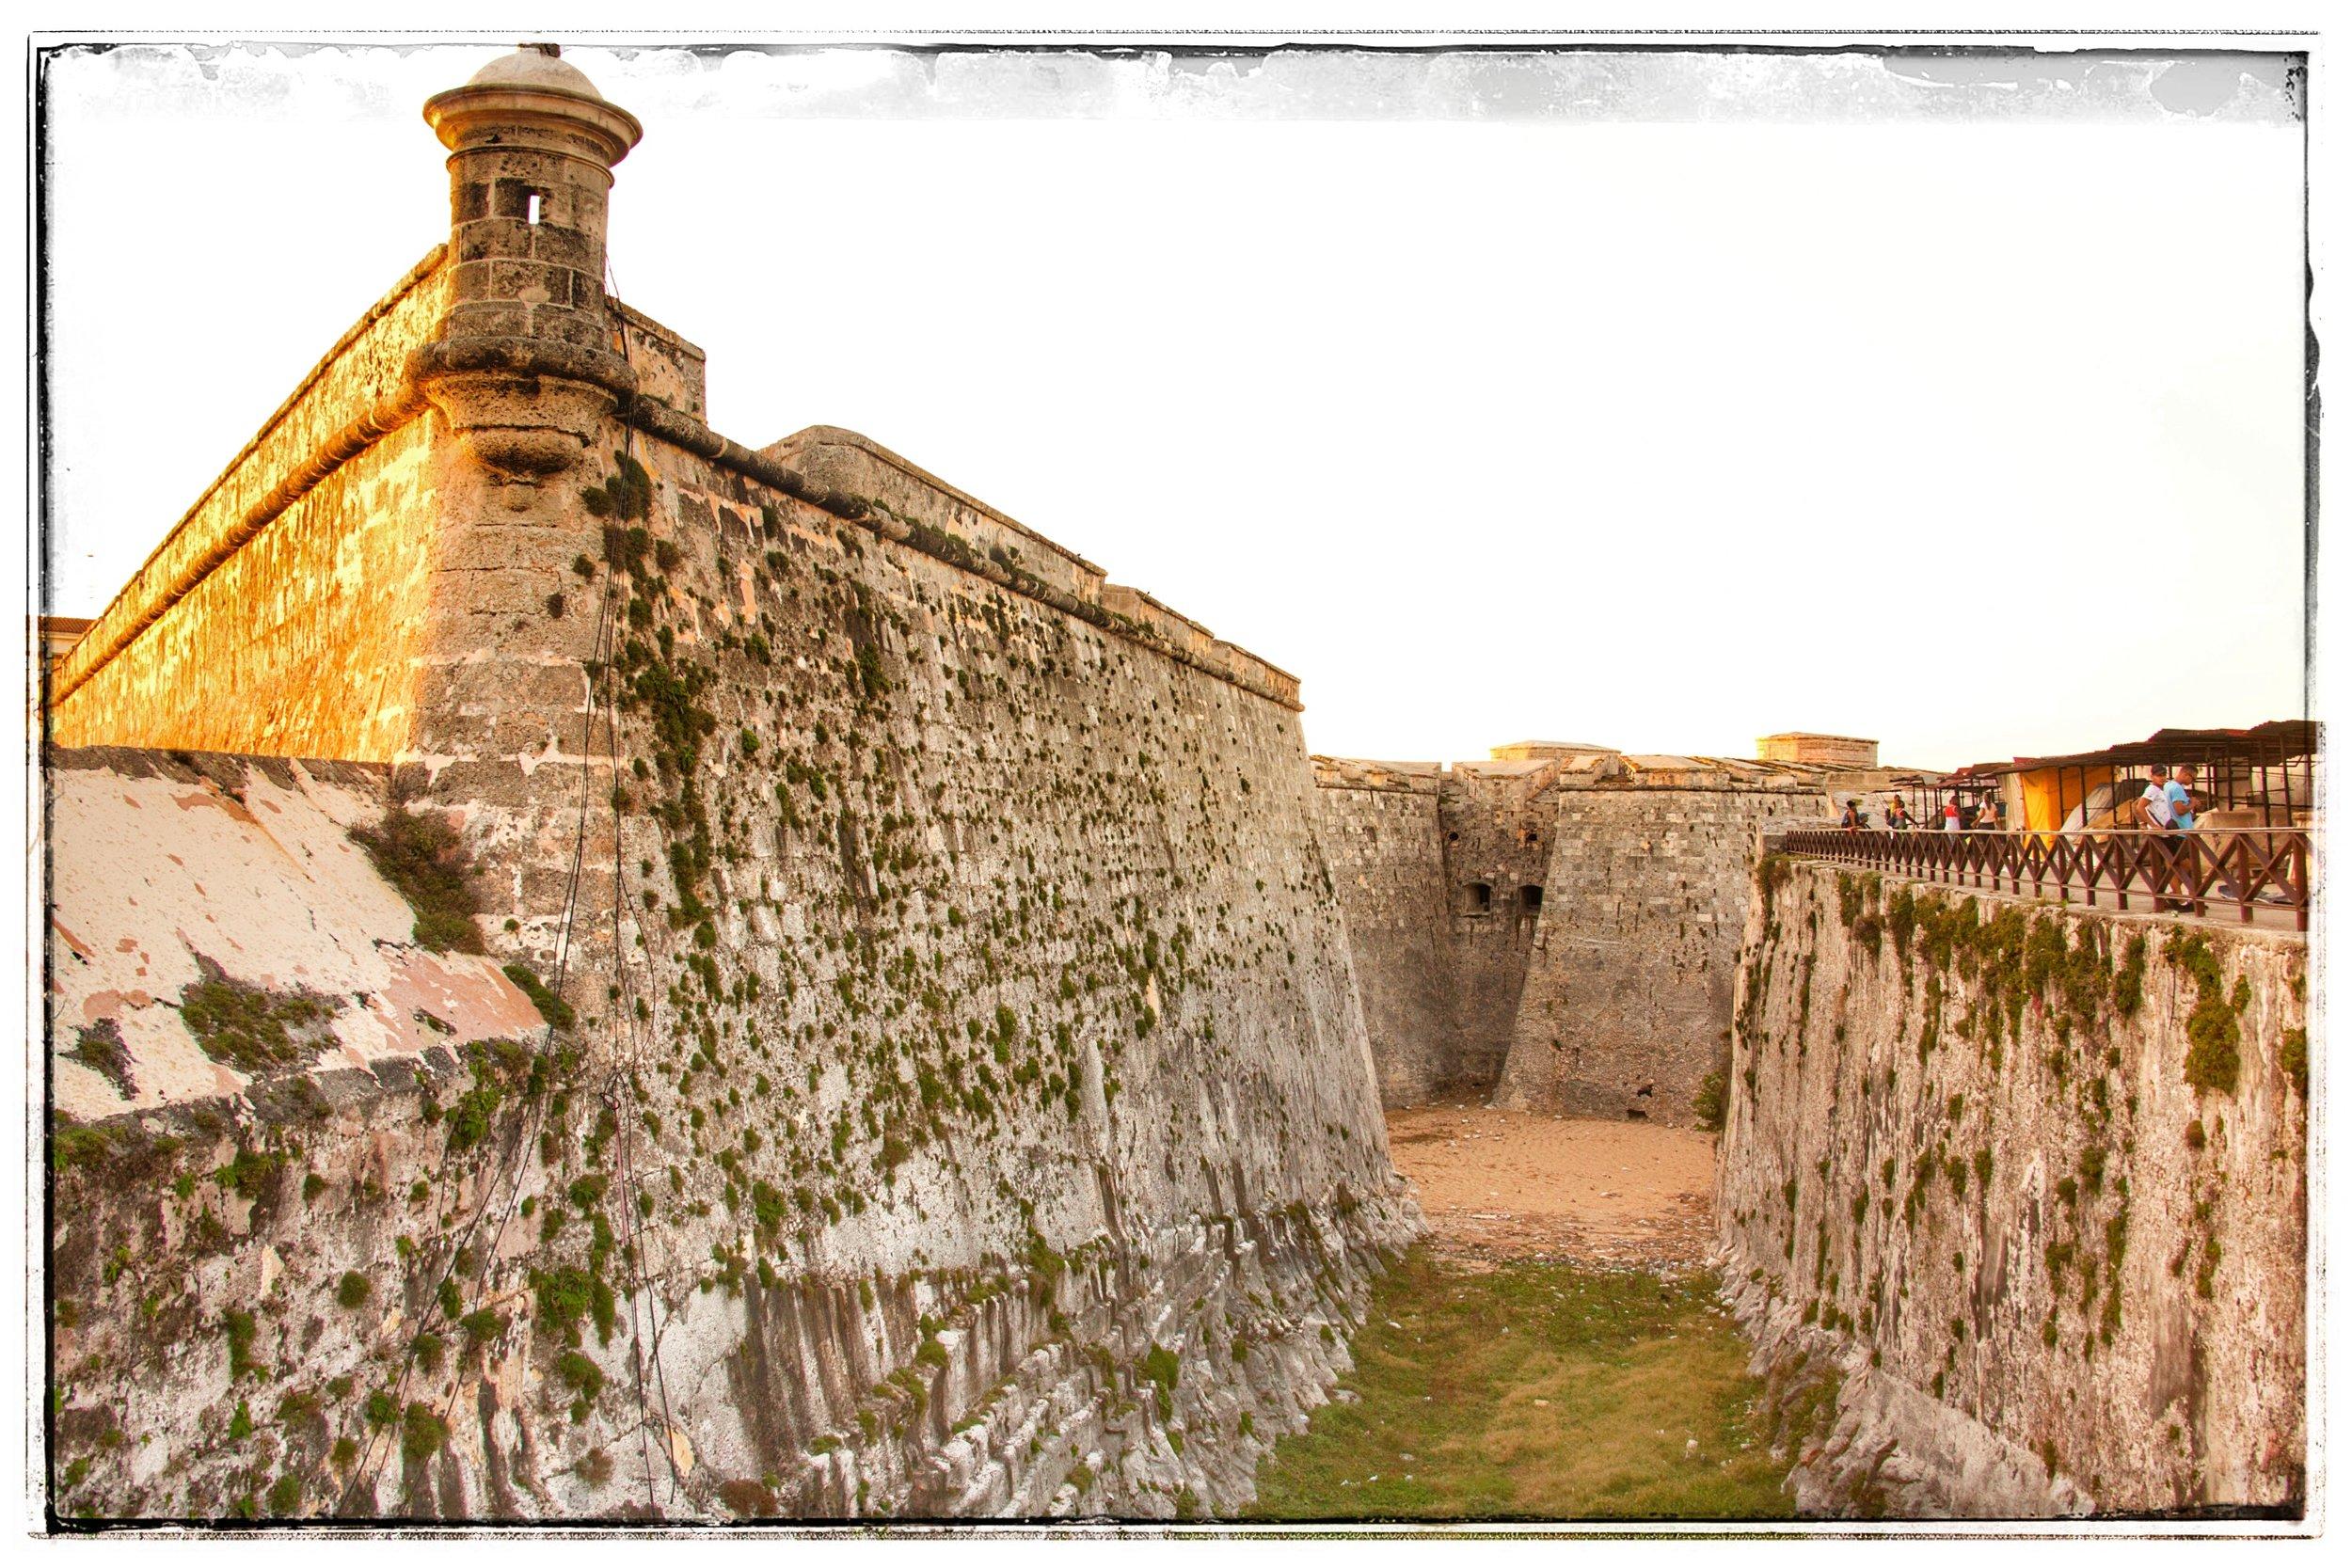 Castillo de los tres reyes del morro Havana Cuba .jpeg